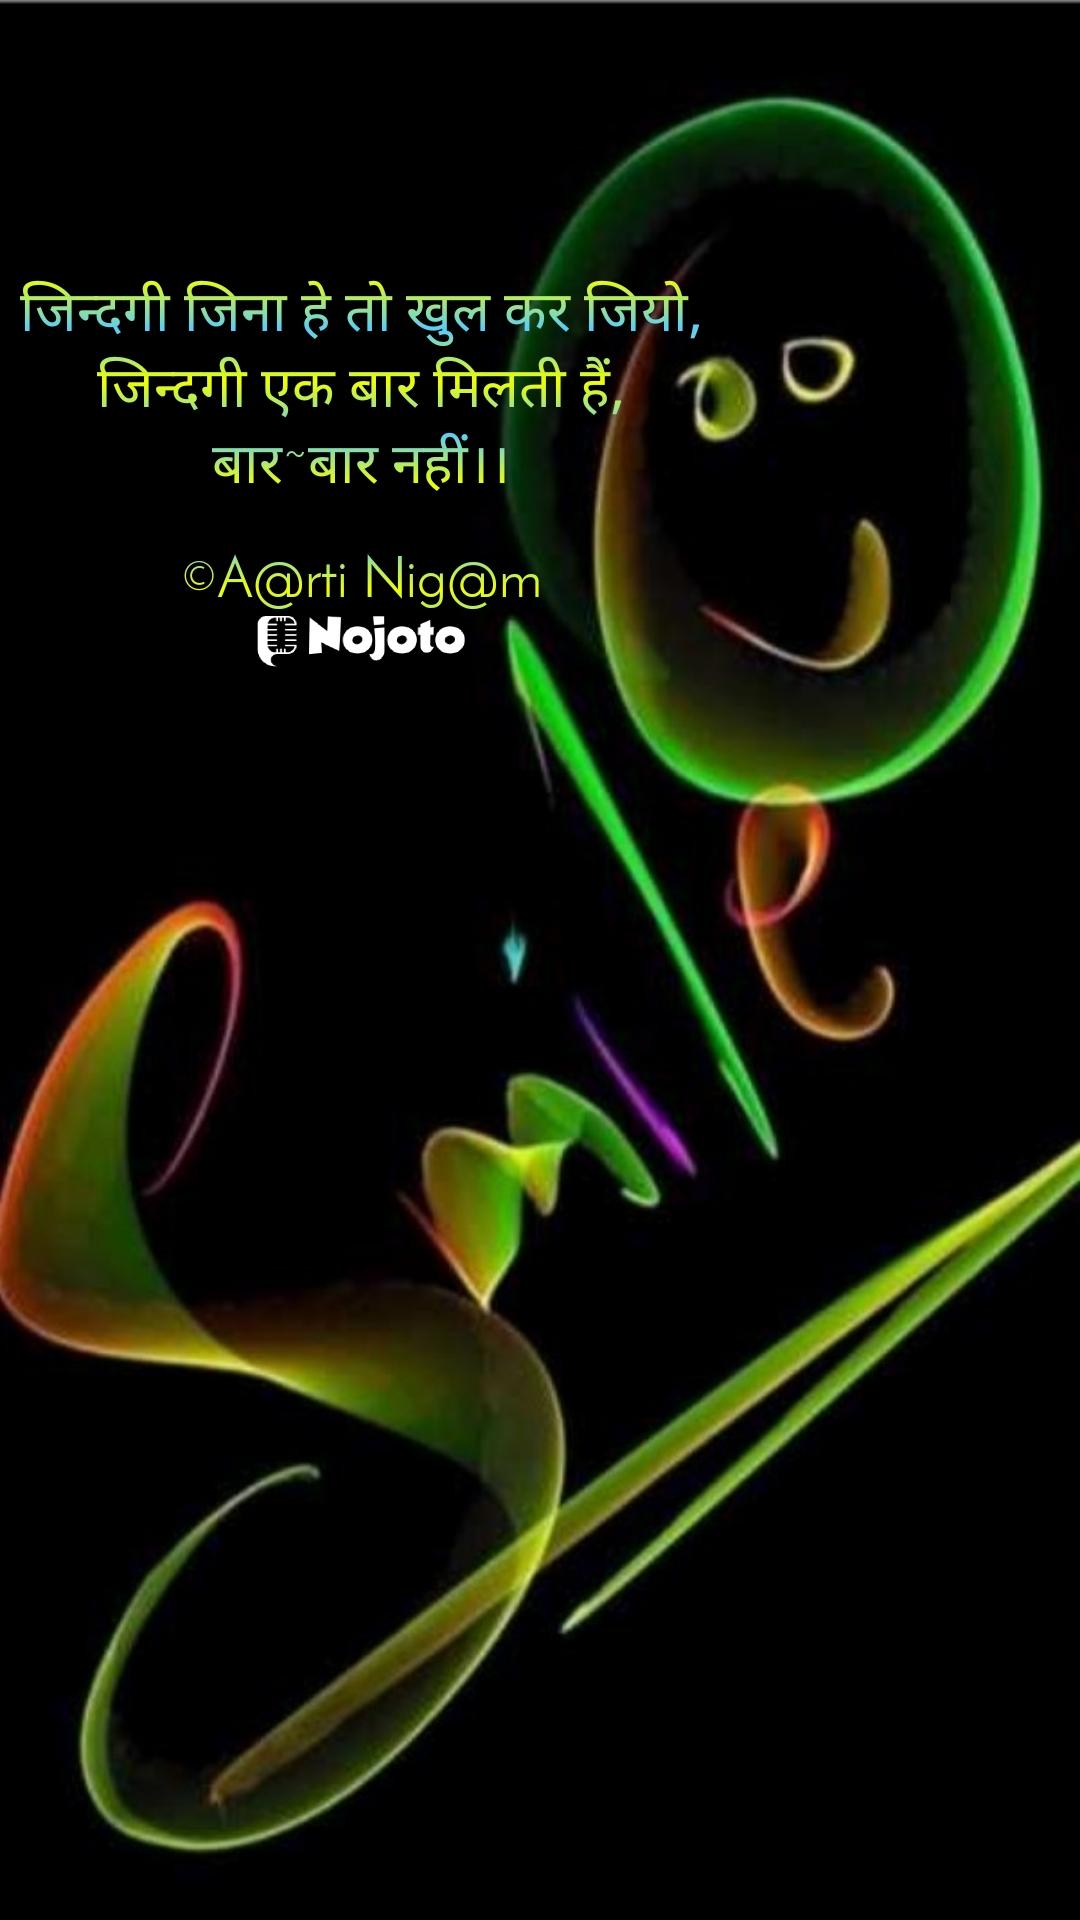 जिन्दगी जिना हे तो खुल कर जियो, जिन्दगी एक बार मिलती हैं, बार~बार नहीं।।  ©A@rti Nig@m